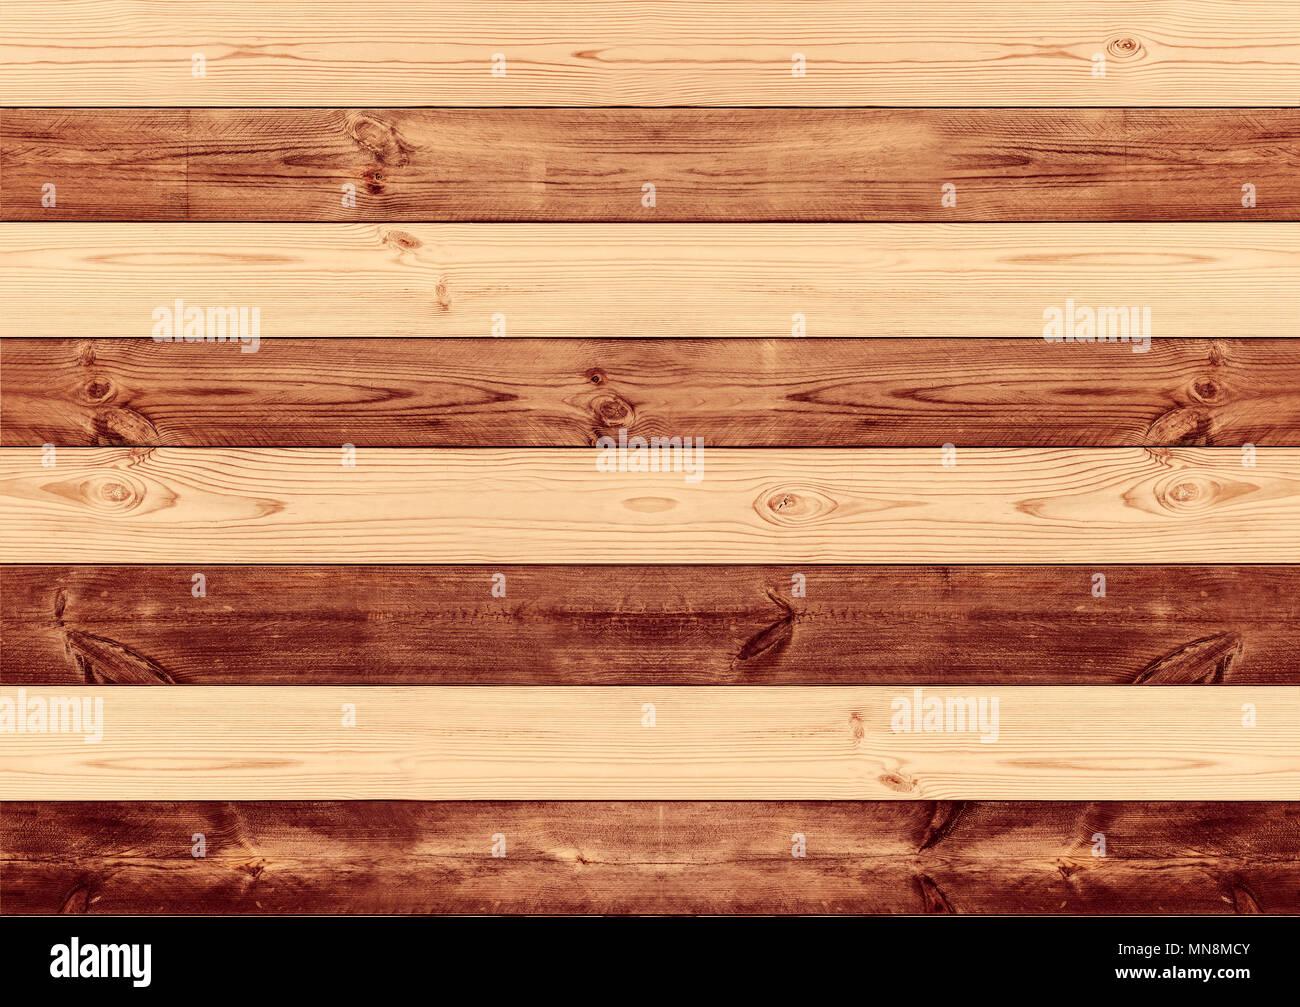 Il design elegante, con pareti e soffitto della stessa gamma, in combinazione con tappeti pelosi e altri complementi d'arredo di colori simili. Texture Di Legno Per Il Pavimento E La Parete Hi Res Sfondo Beige E Marrone Tabella Strisce Foto Stock Alamy